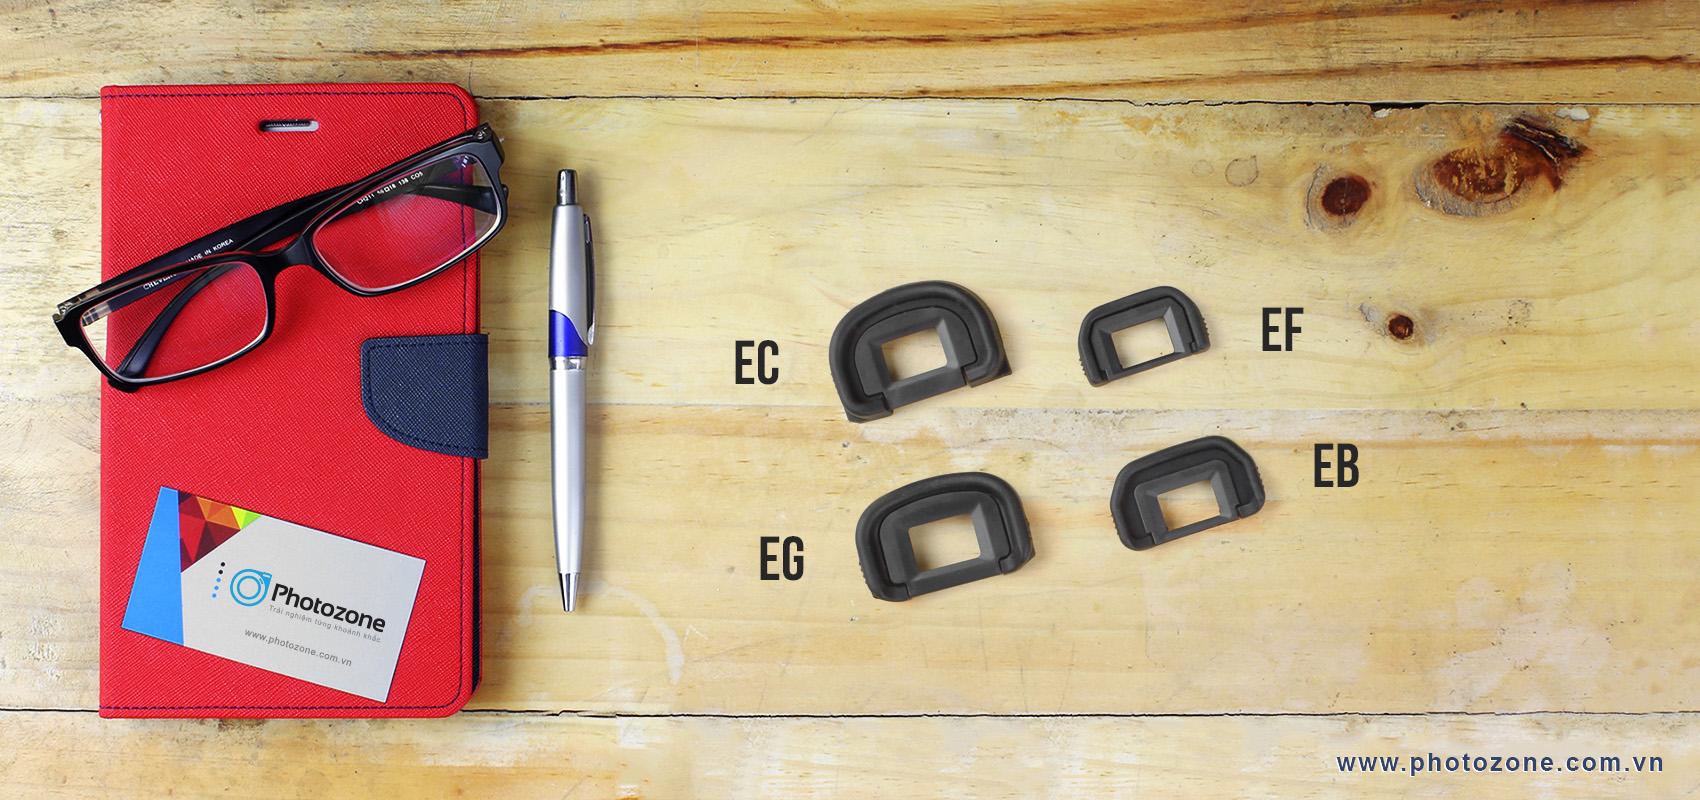 Eyecup EB for Canon 5D, 5DII, 6D, 20D, 30D, 40D, 50D, 60D